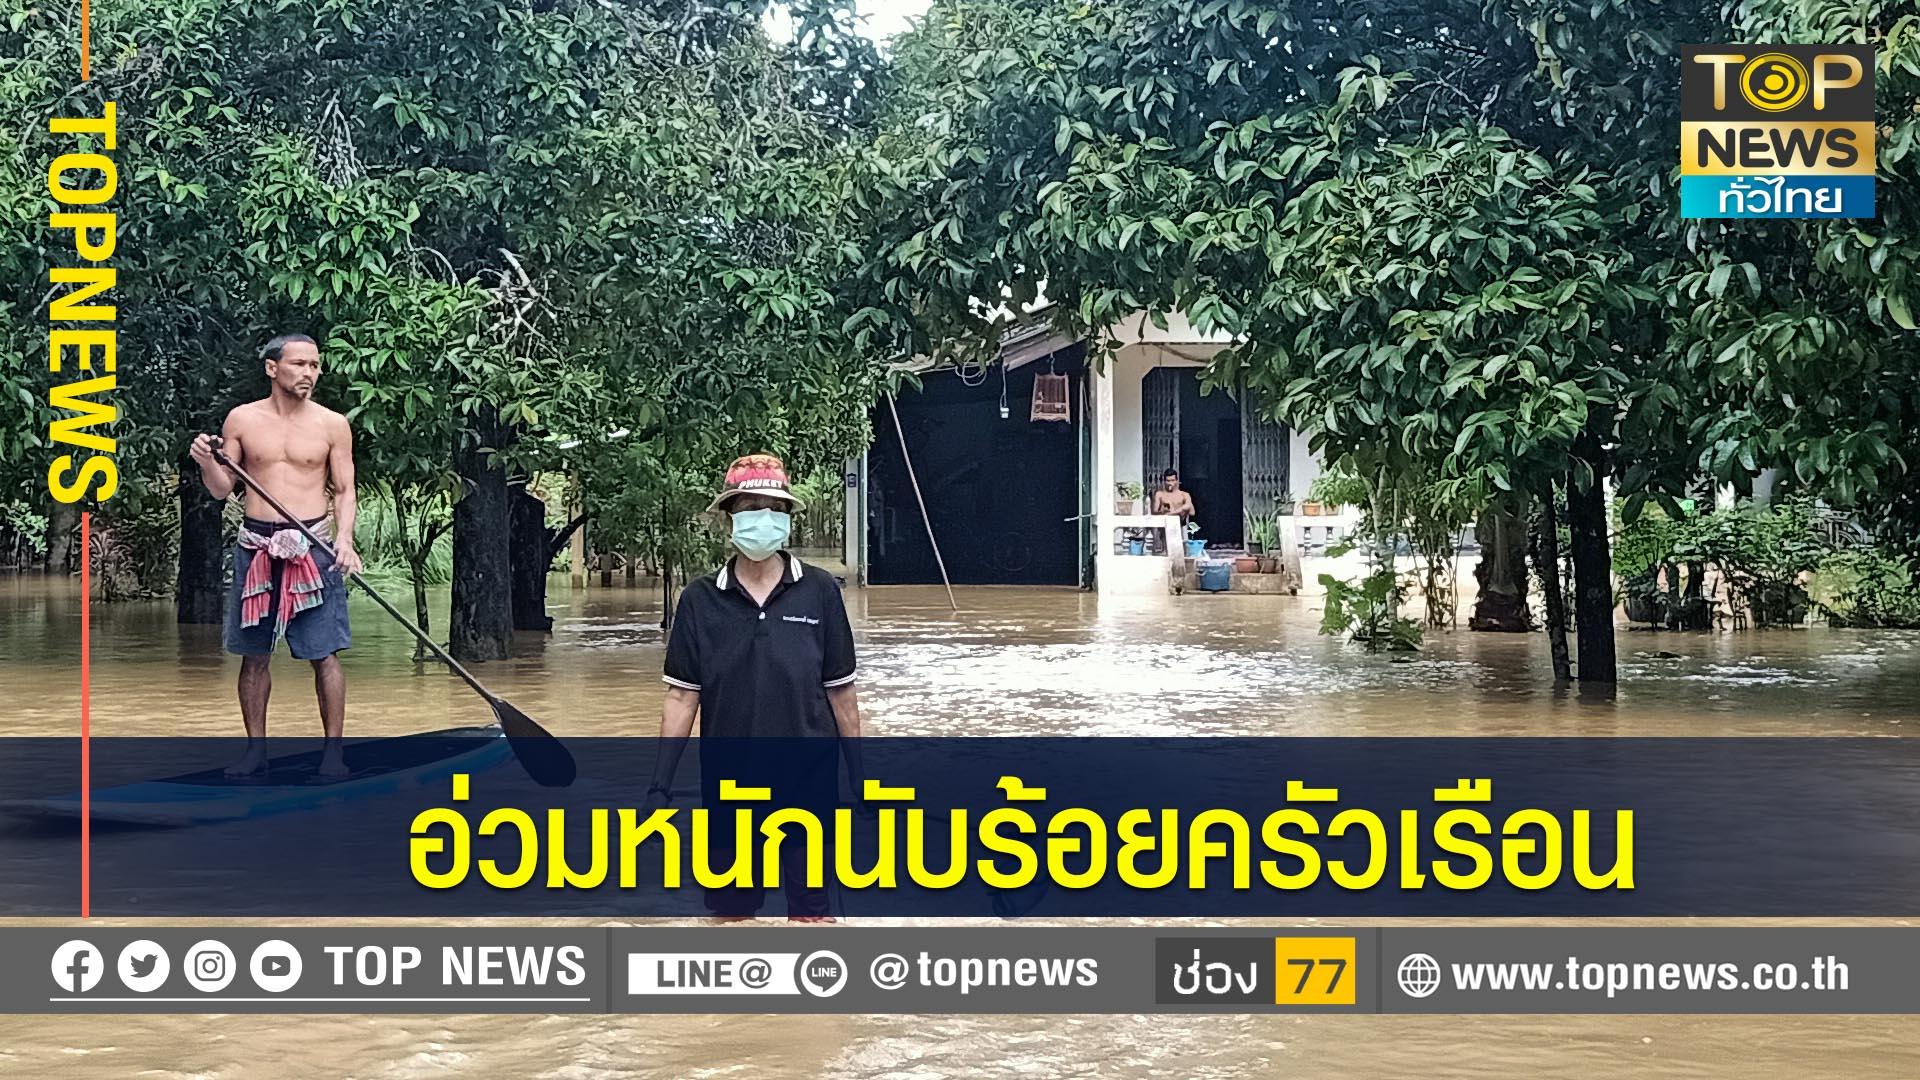 น้ำป่าทะลักท่วม 160 ครัวเรือน ชาวบ้านเดือดร้อนหนัก